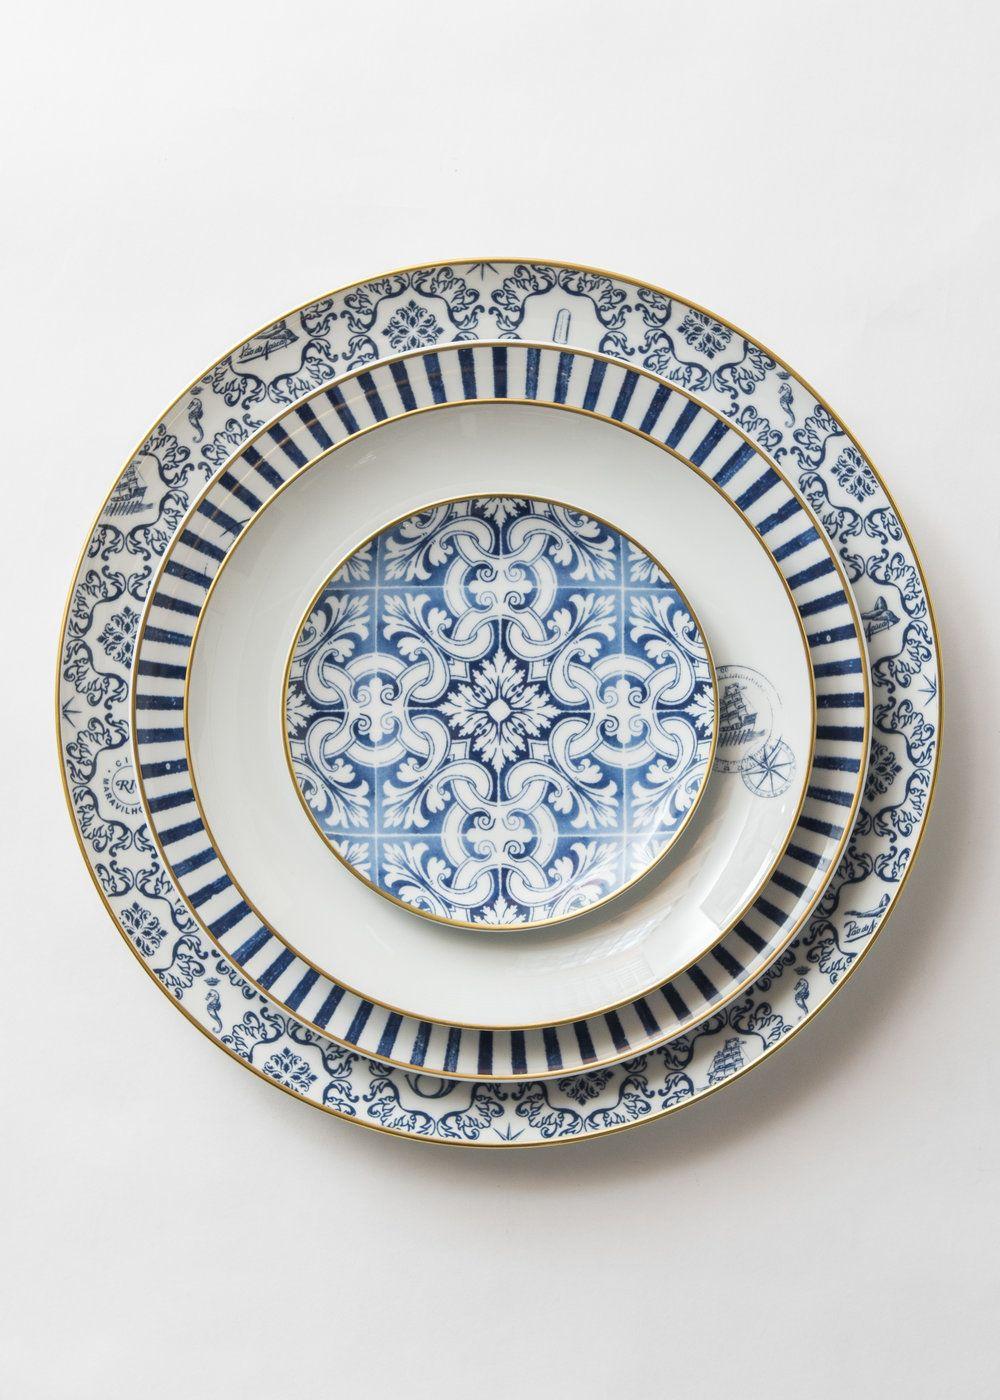 Transatlantica  sc 1 st  Pinterest & Transatlantica   Cereal bowls Dinnerware and Bowls